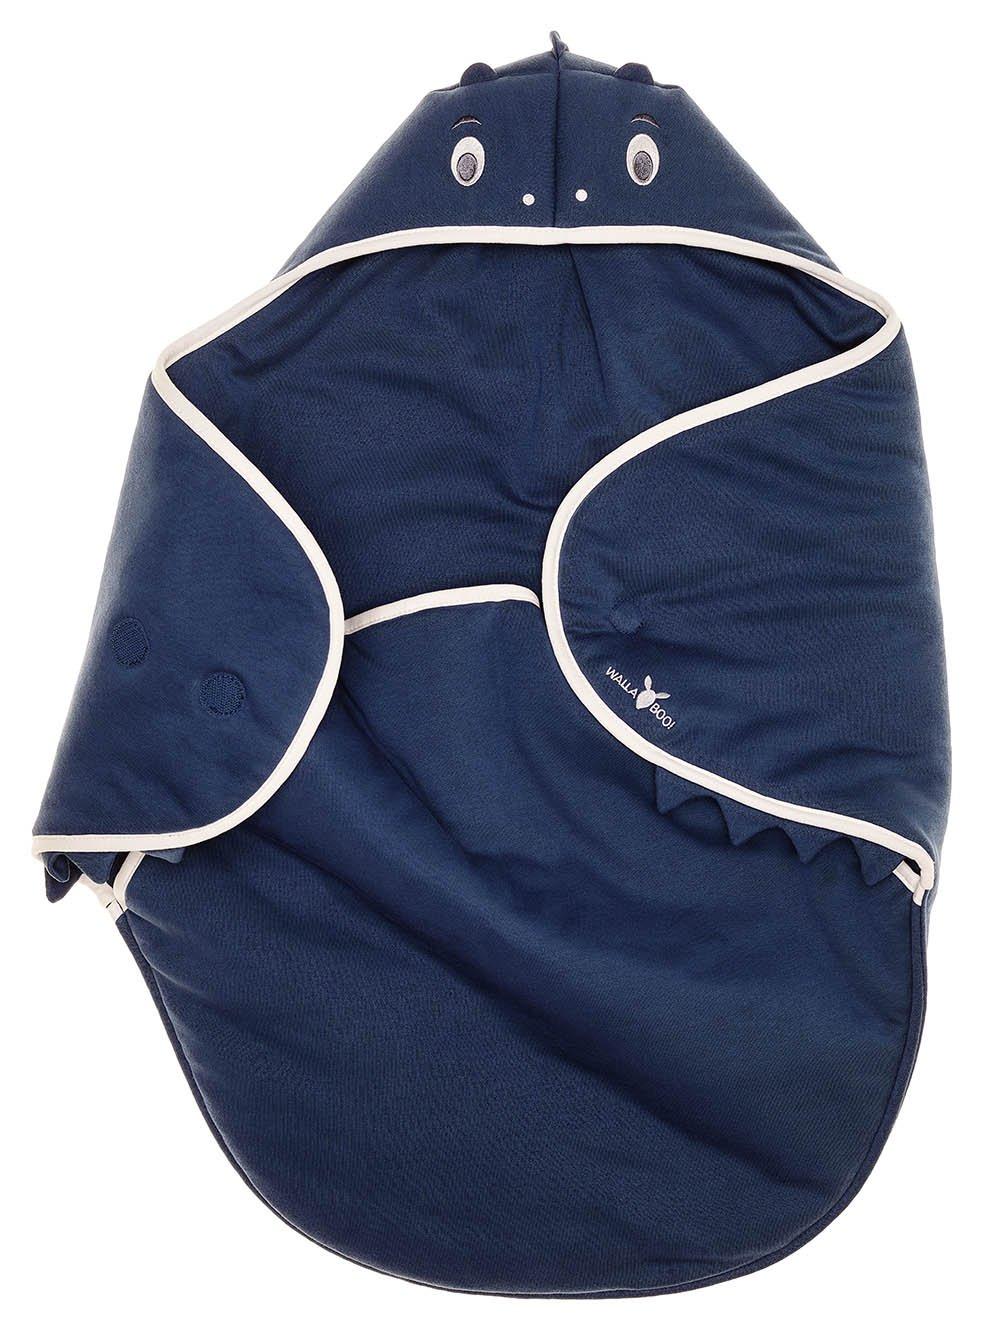 Rose 90 cm x 70 cm pour Coques B/éb/é // Si/èges Auto // pour Landaus // Poussettes ou Lits B/éb/é Cotton Multi-Usages Wallaboo Couverture Enveloppante